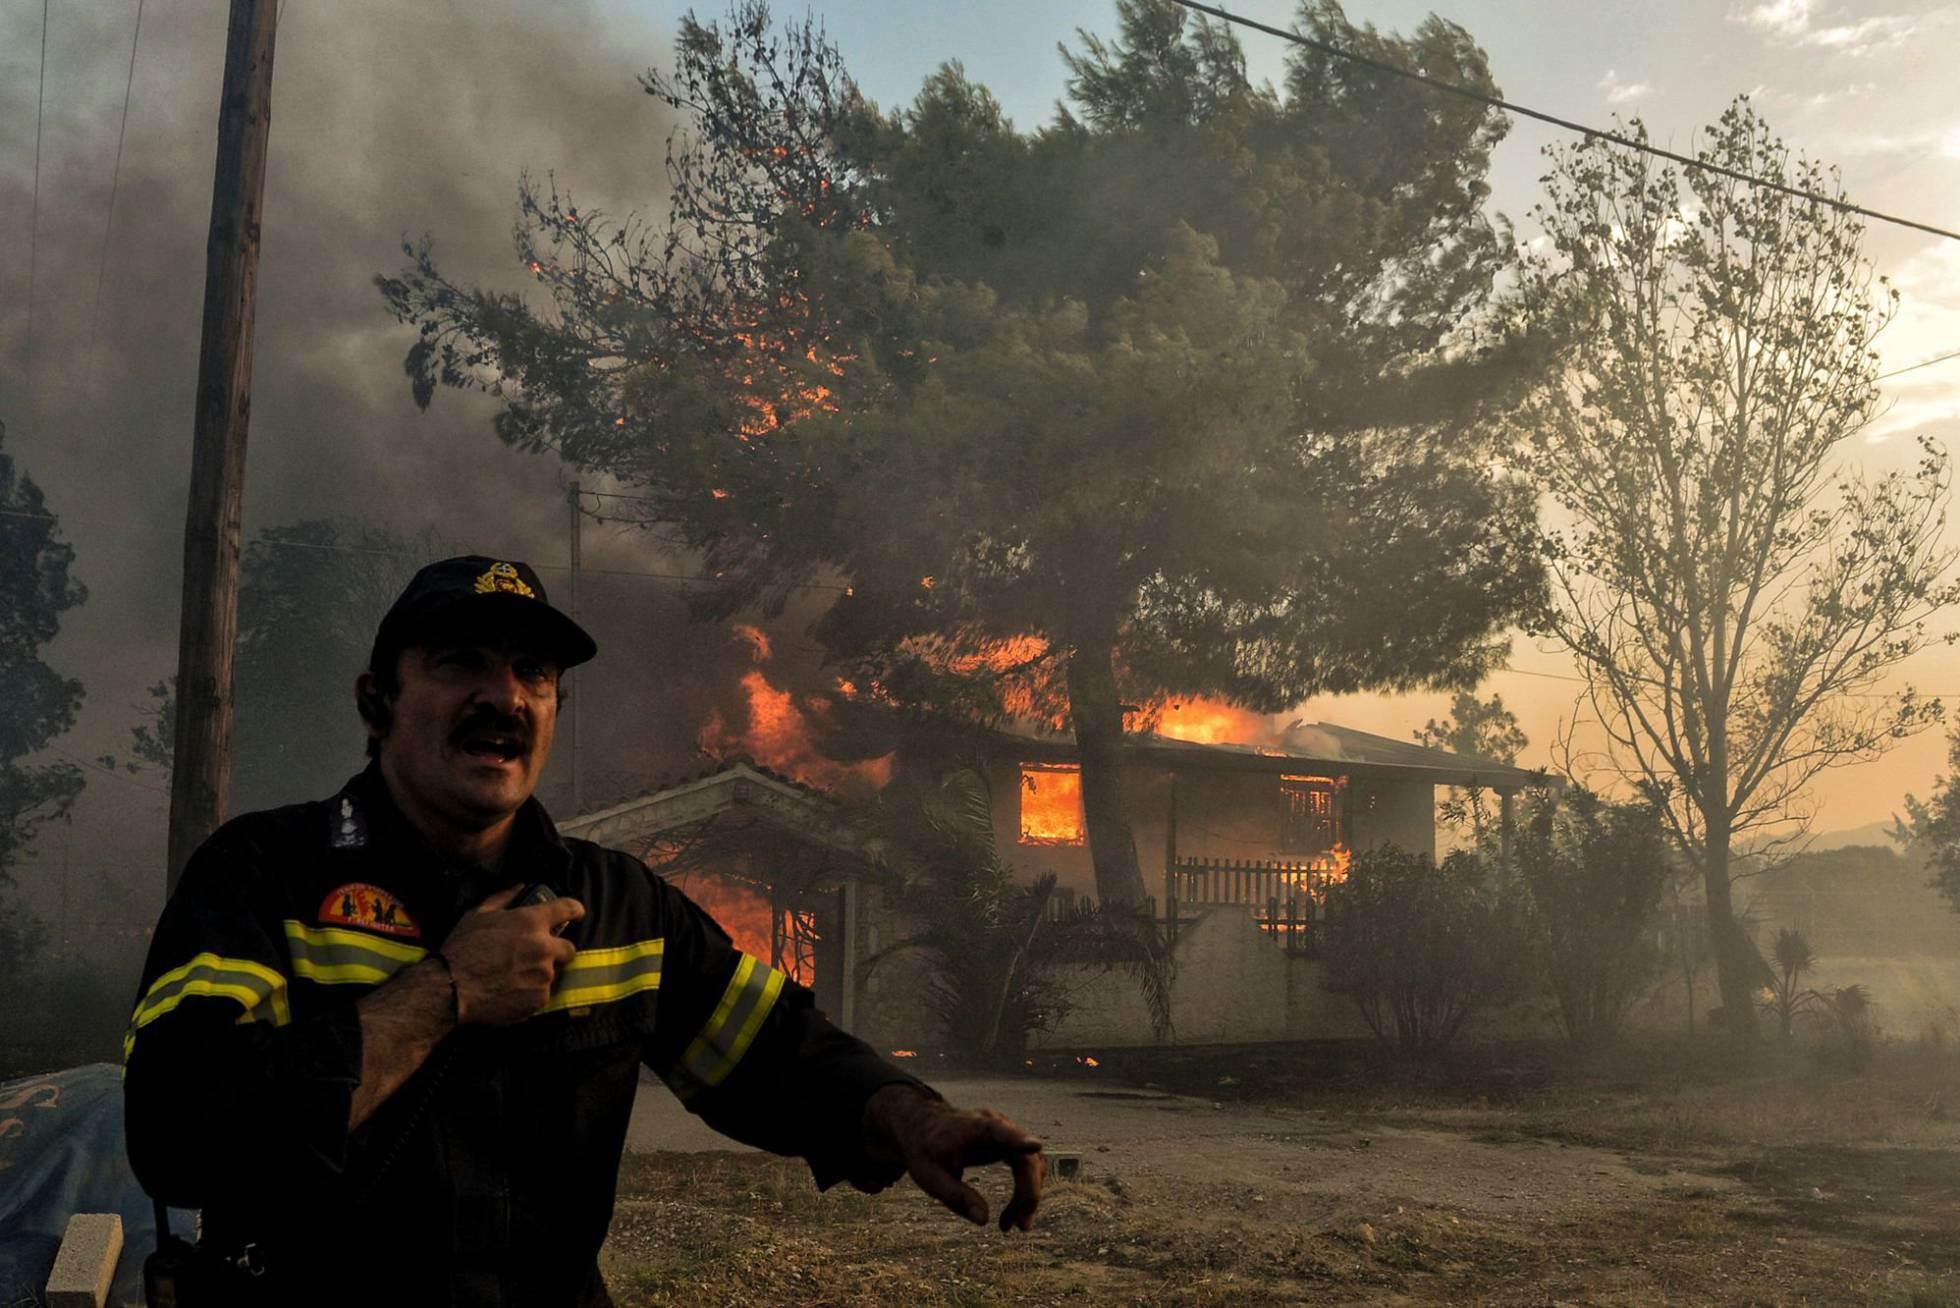 Después de que las autoridades declararan el estado de emergencia y solicitaran ayuda internacional, el portavoz del Gobierno, Dimitris Tzanakópulos, anunció que llegarán aviones de extinción desde España, así como voluntarios de Chipre. En la imagen, un